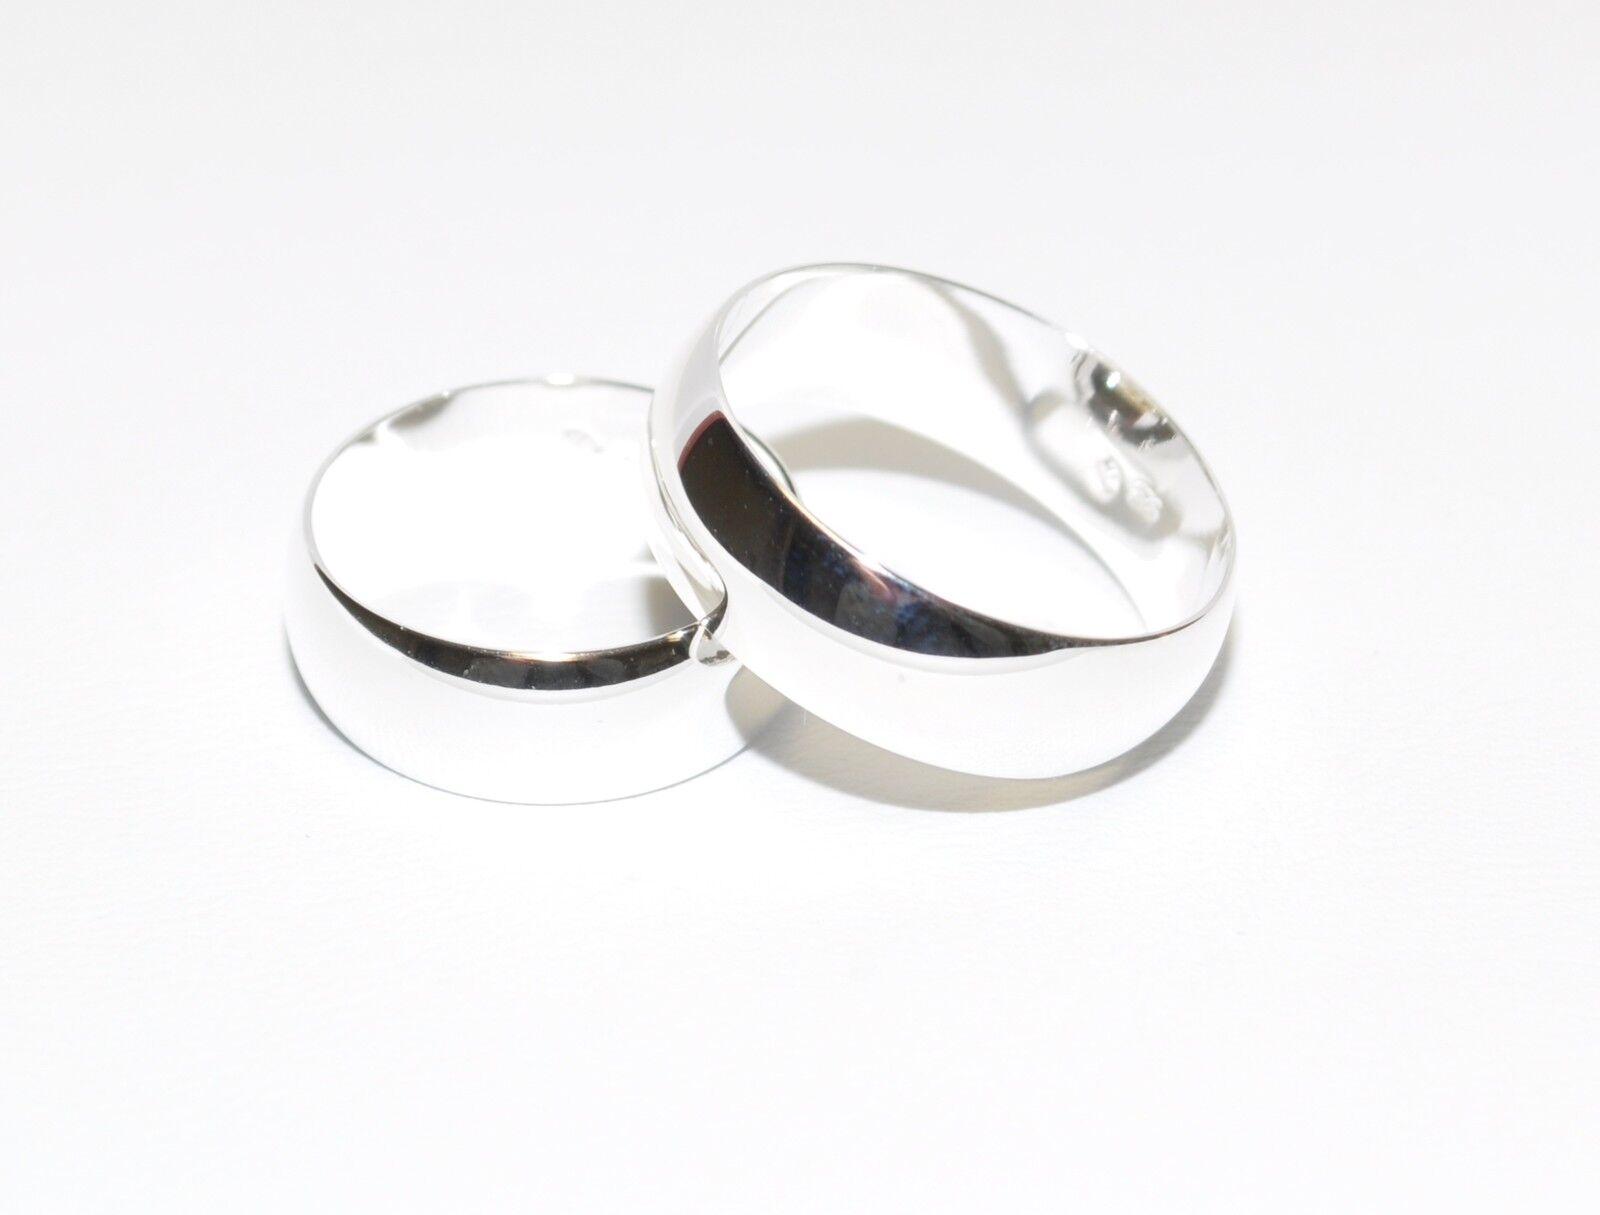 925 silver - Ehering - Trauring - Partnerring - Höchste Qualität - 7 mm Breit